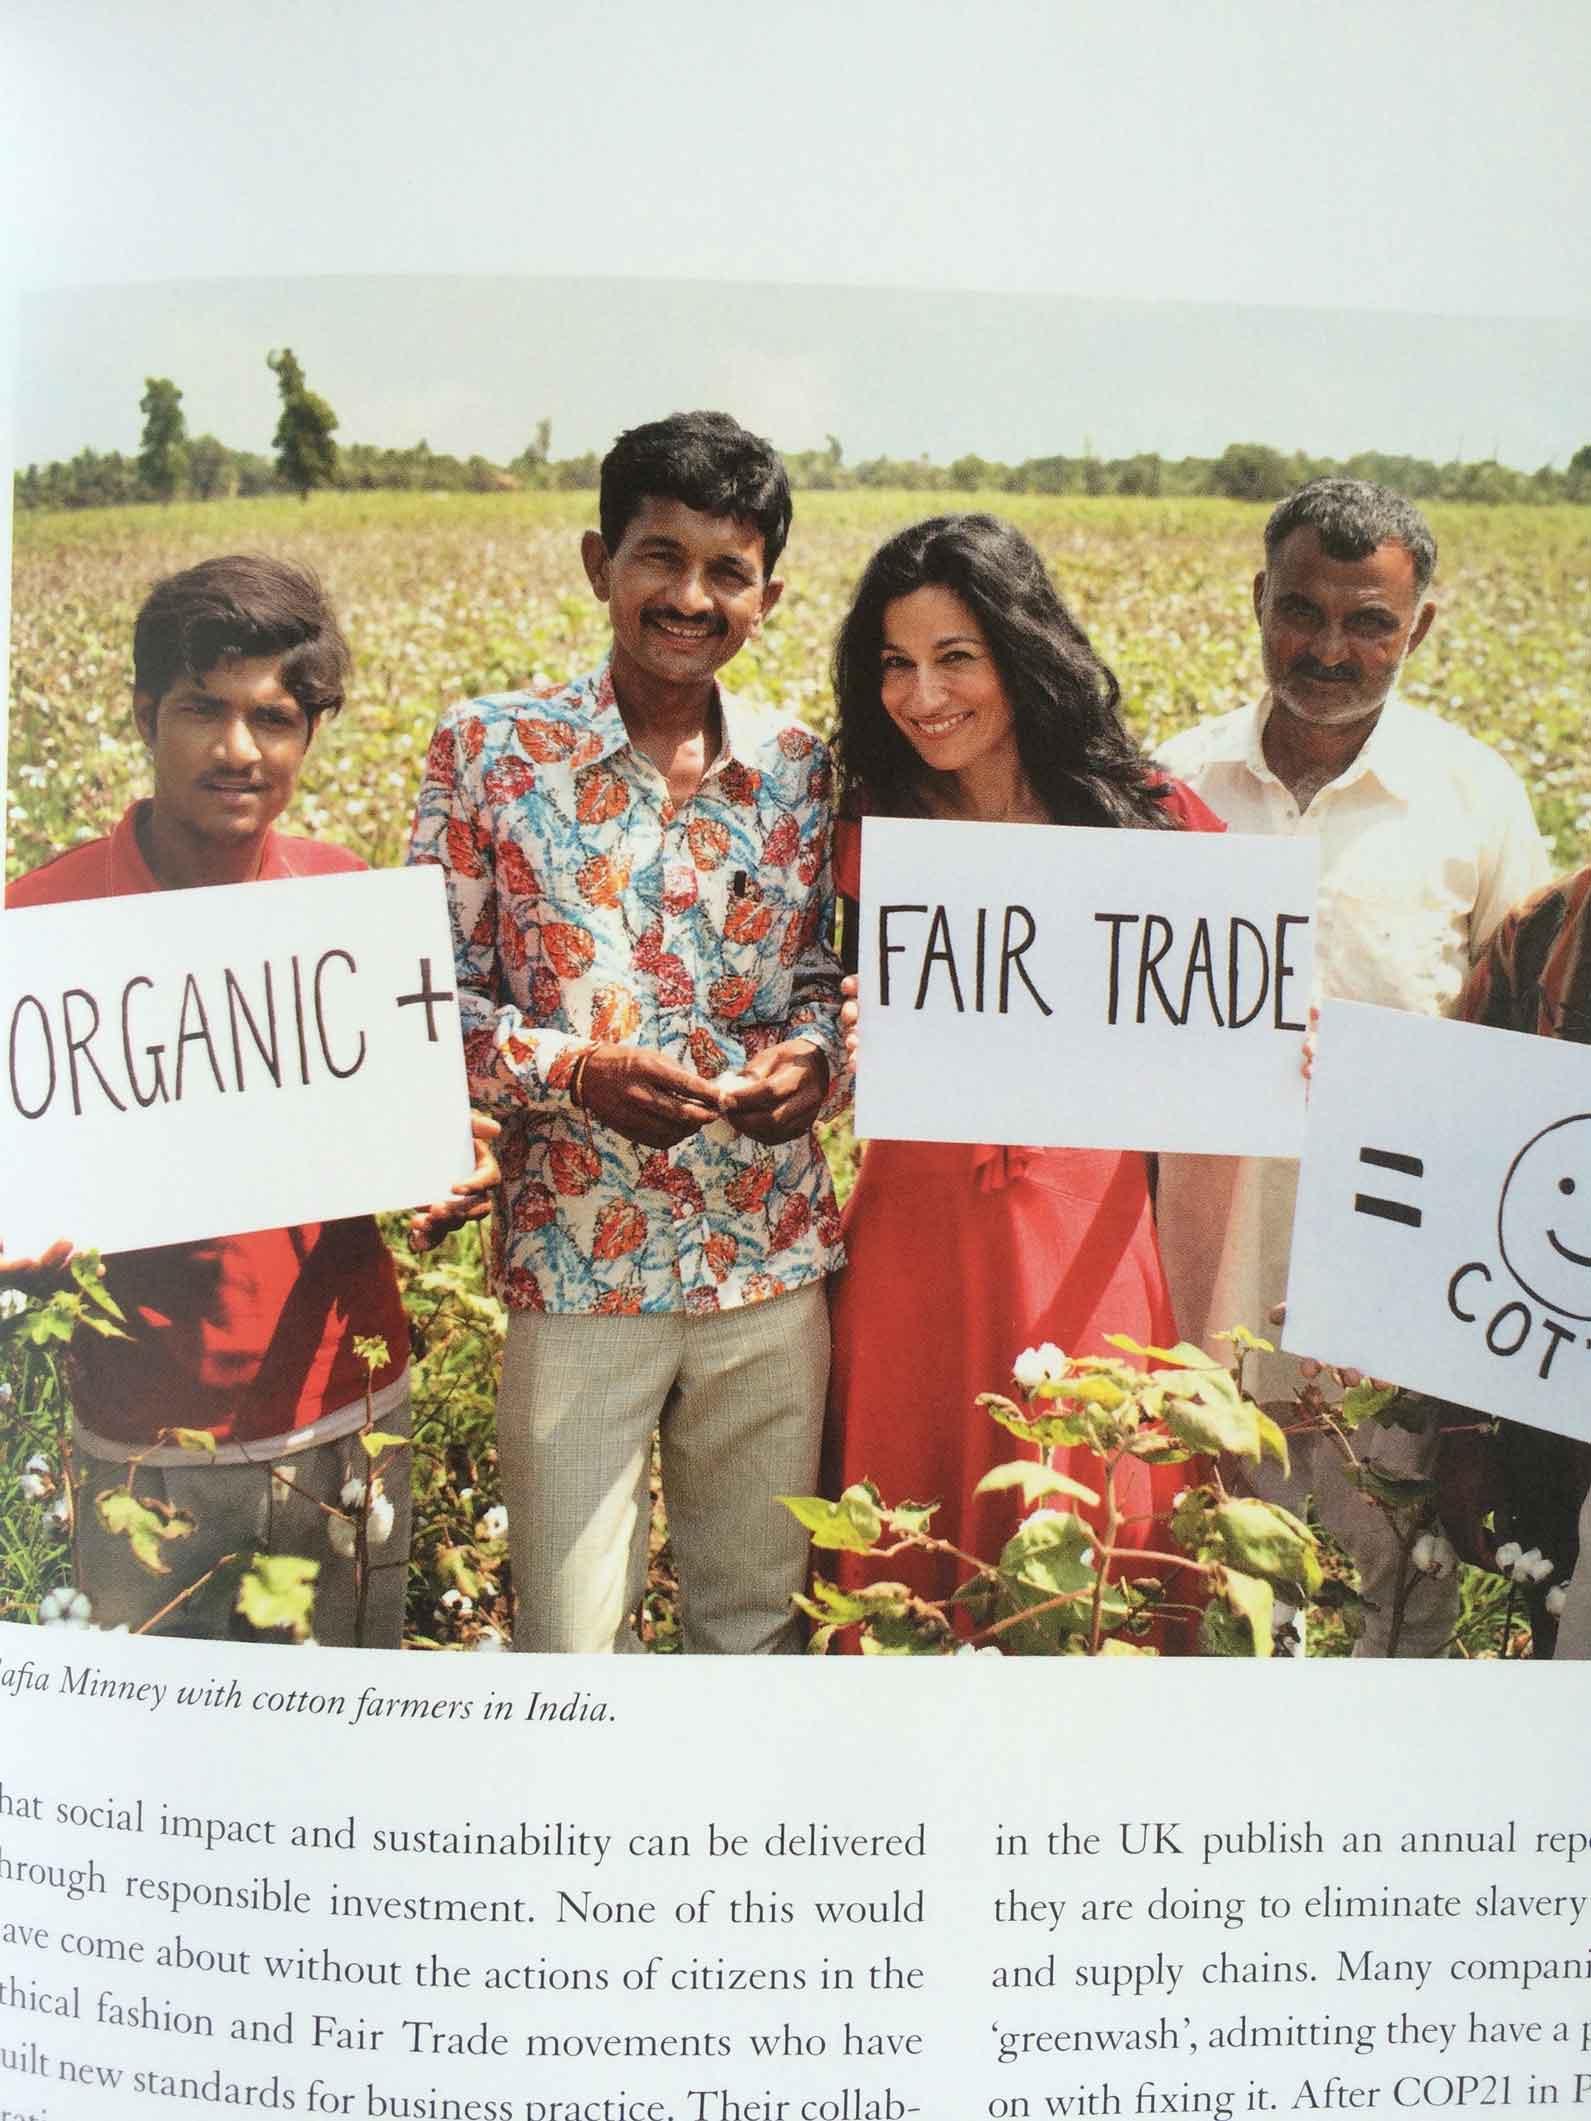 Safia Minney with cotton farmers in India.